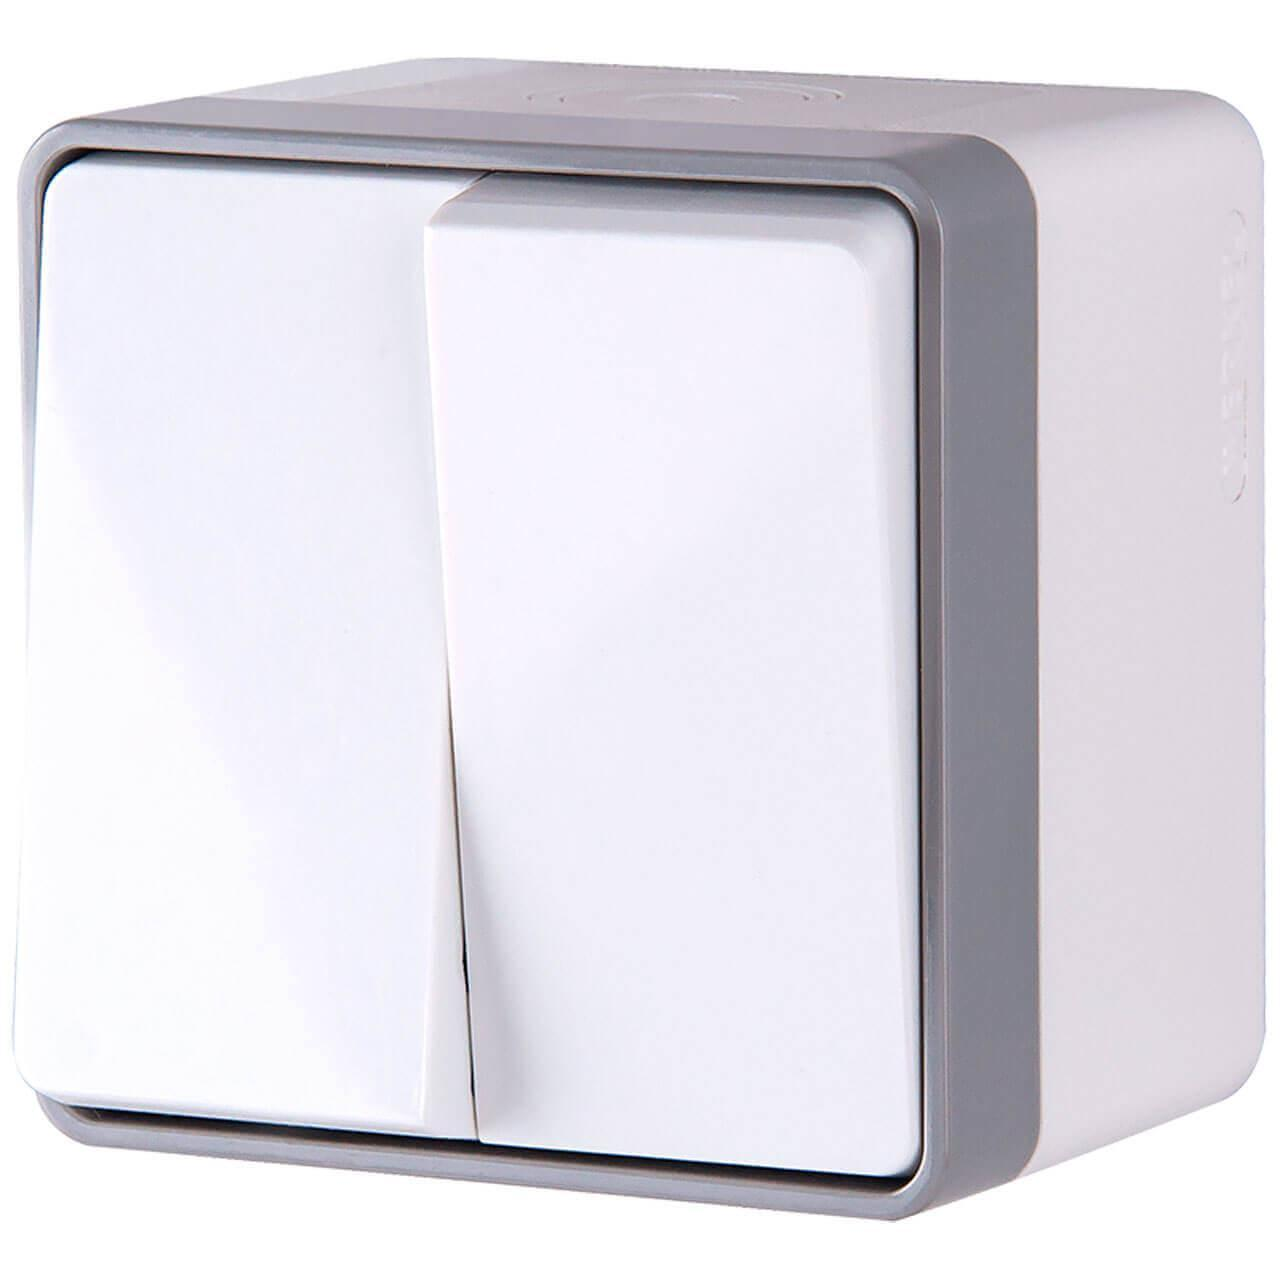 Выключатель Werkel двухклавишный влагозащищенный Gallant белый WL15-03-02 4690389102141